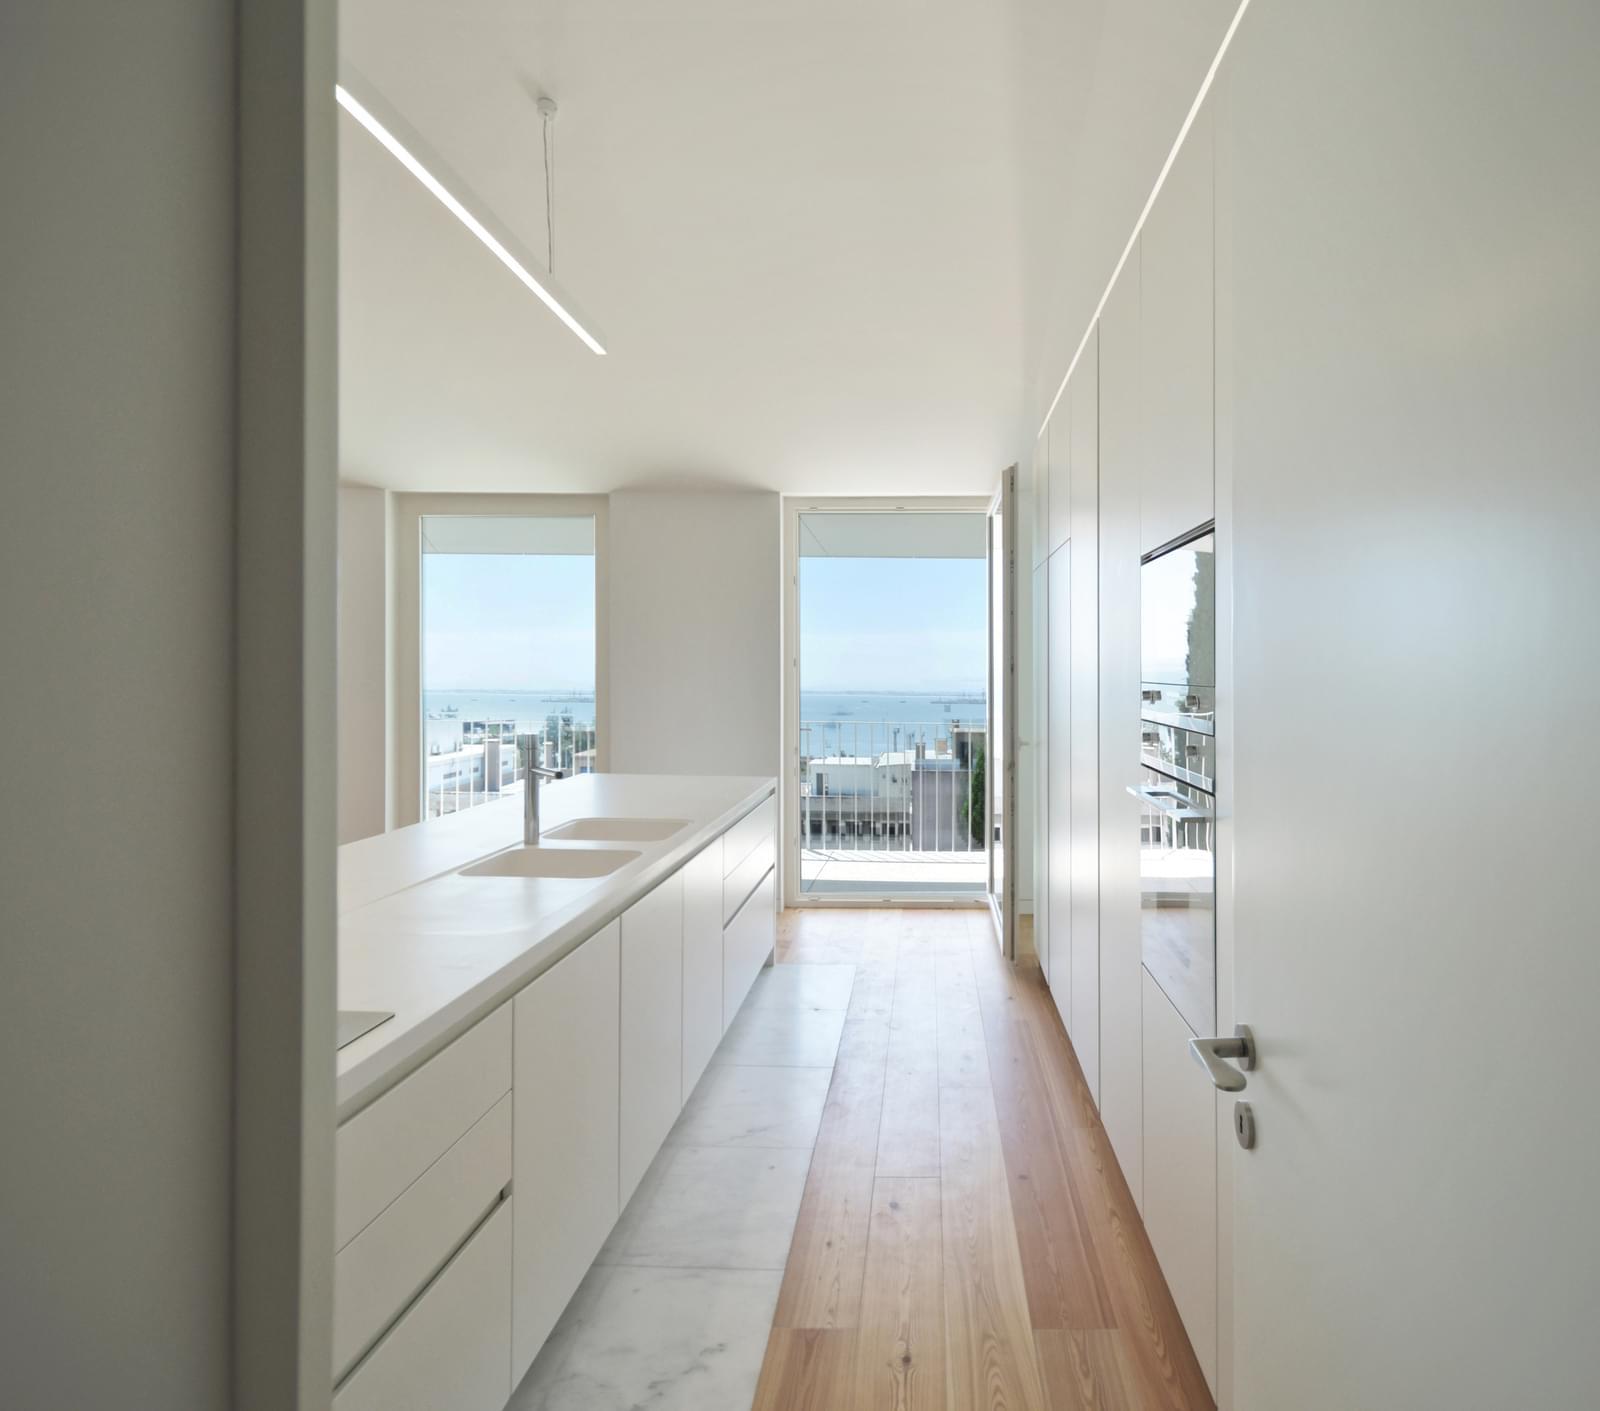 pf18051-apartamento-t4-lisboa-fec5fbca-0d29-4ef0-801c-b37c8a0ec939